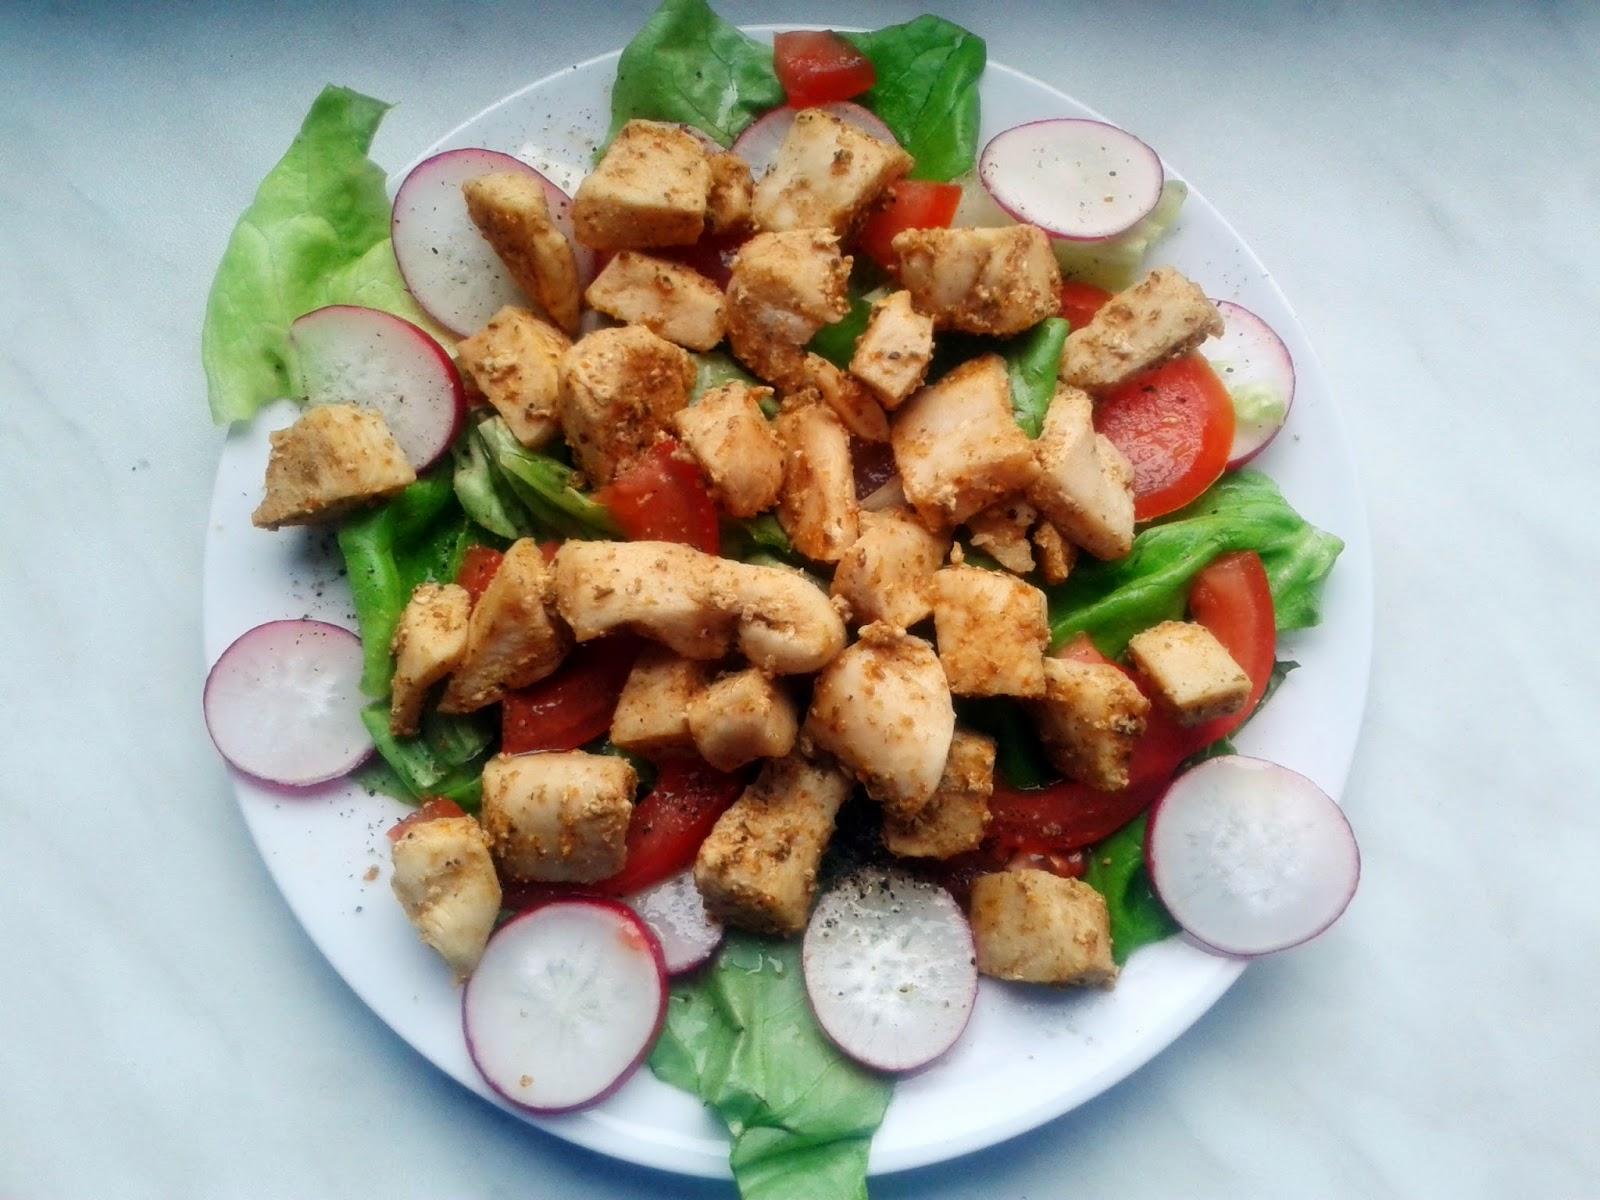 Kurczak z warzywami (sałata, rzodkiewka, papryka,pomidor)